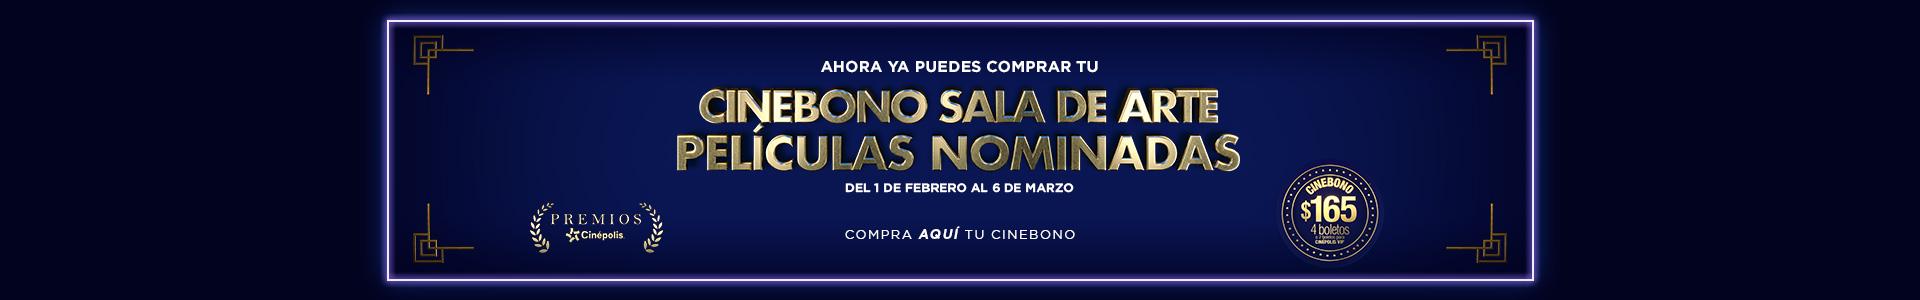 Películas nominadas 2019